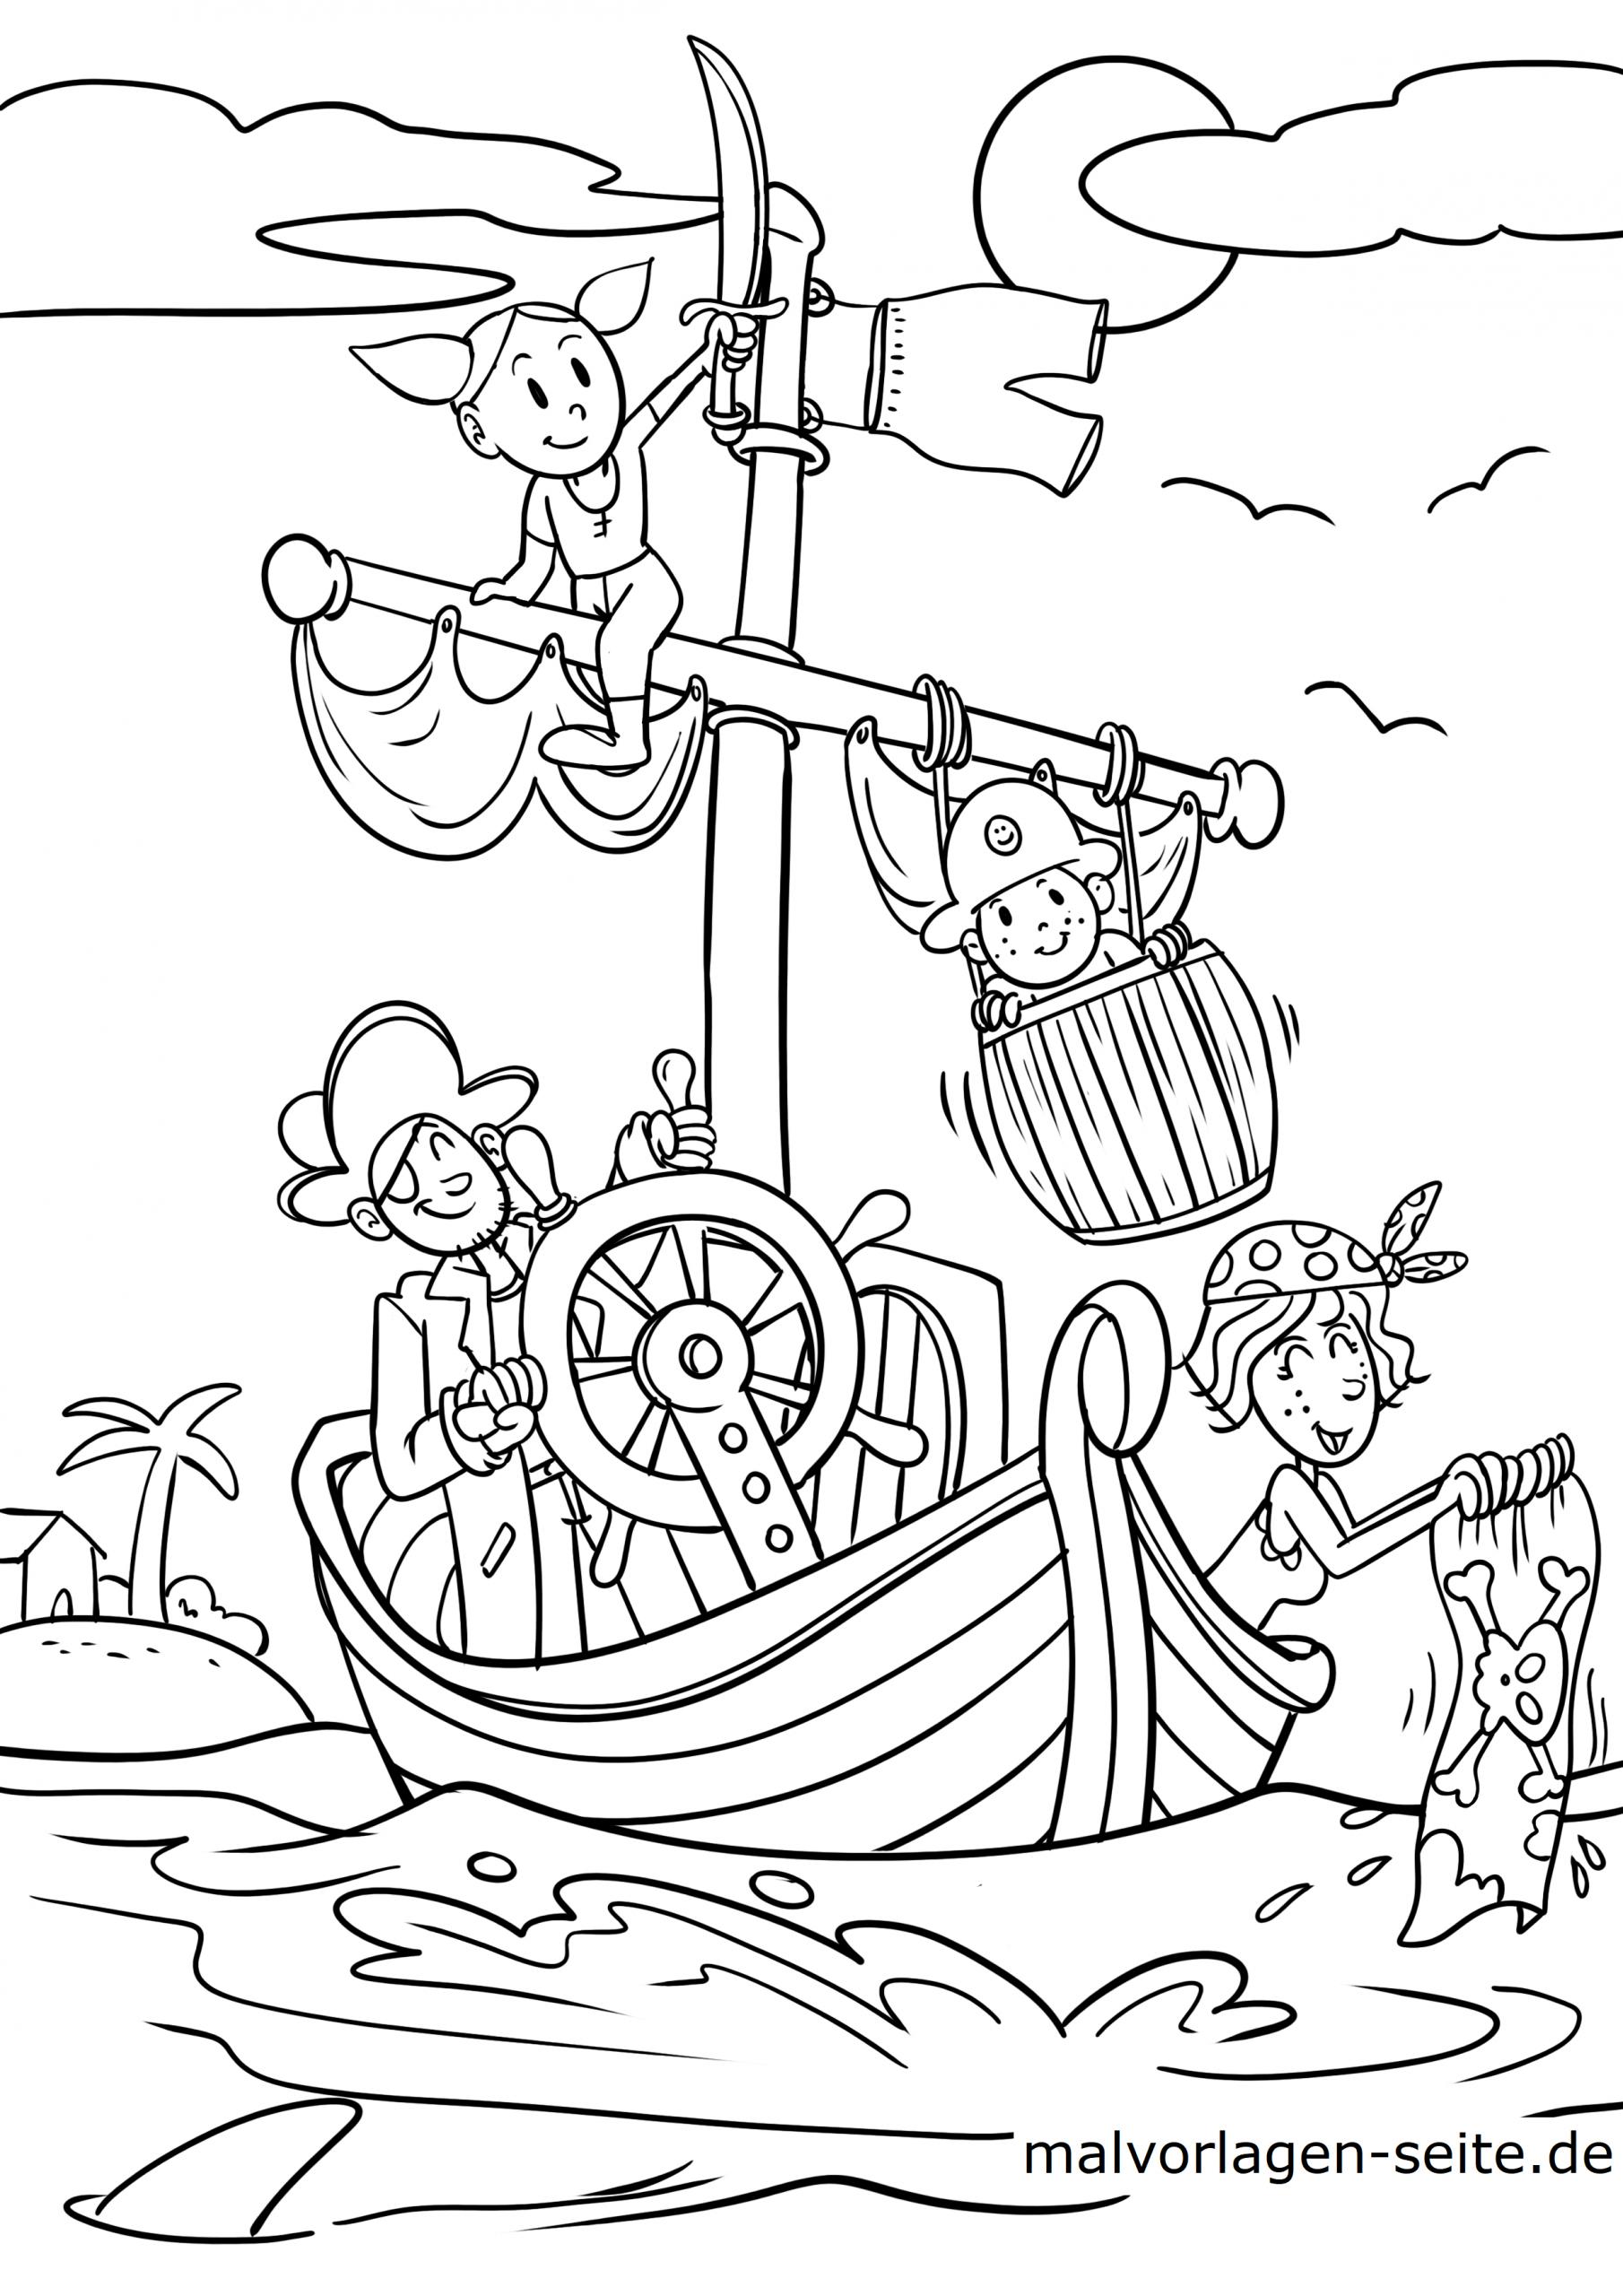 Malvorlage Pirat - Ausmalbilder Kostenlos Herunterladen bei Ausmalbilder Kostenlos Piraten